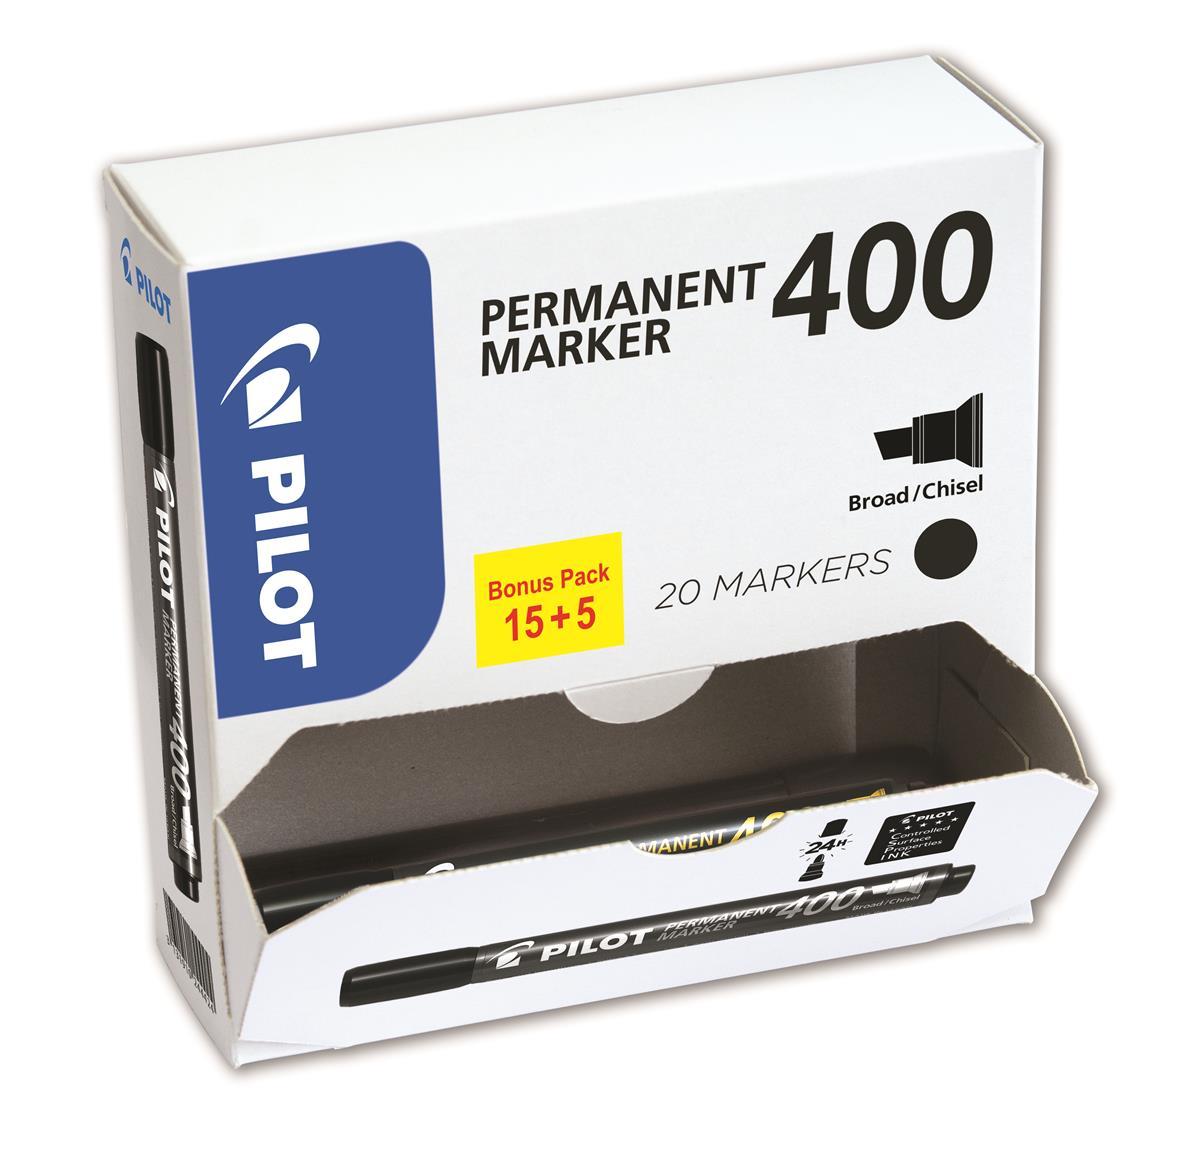 Pilot 400 Permanent Marker Chisel Tip Line 1.5-4.0mm Blue Ref 3131910504078 [Pack 15&5 Free]